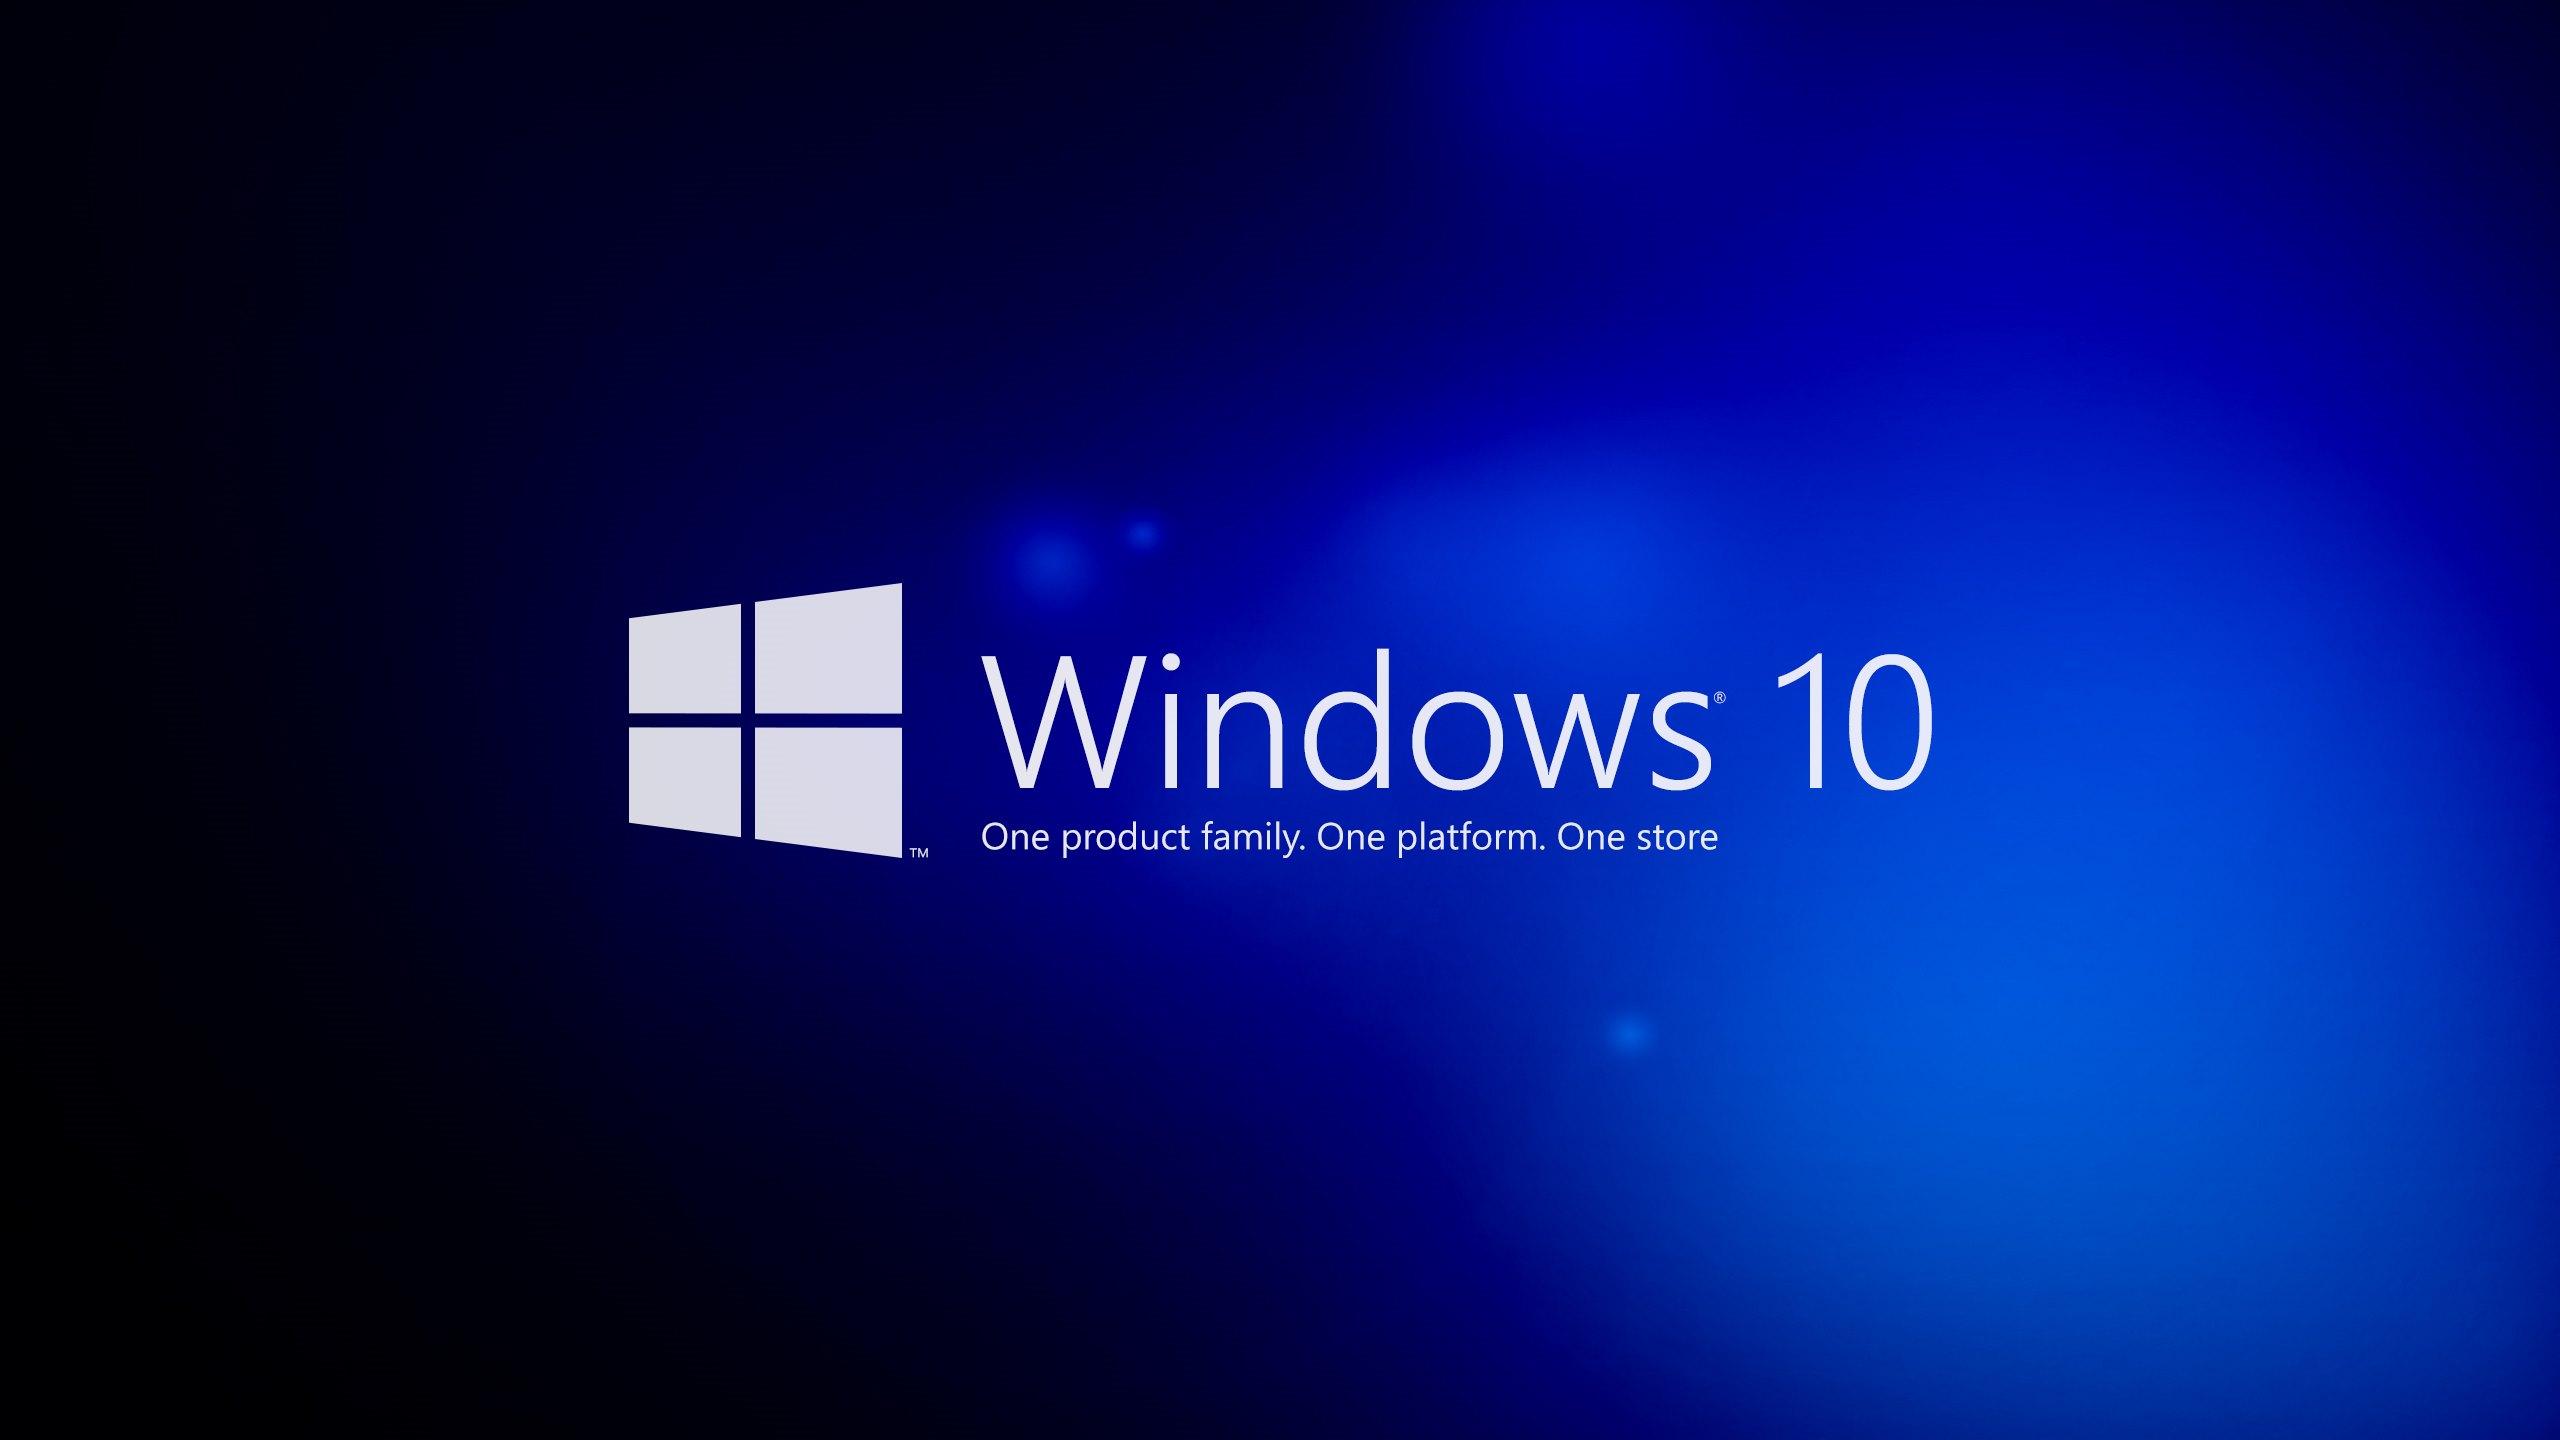 coders windows fan - photo #42